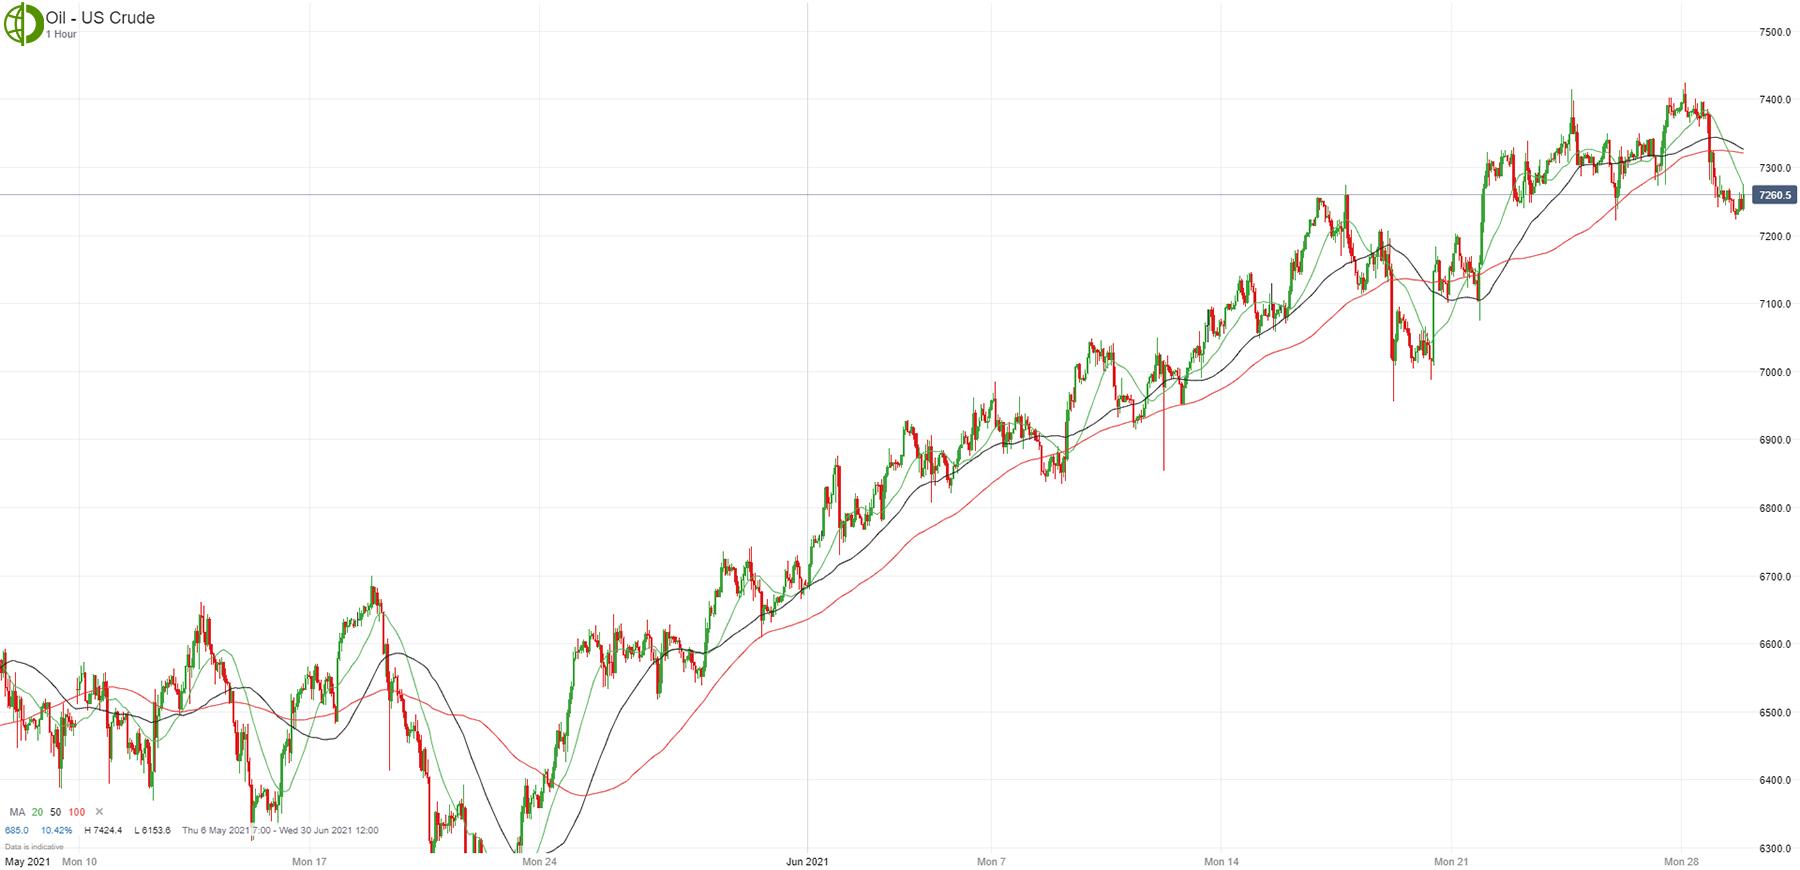 Нефть продолжила дорожать, доллар США пытается продолжить рост (Недельный обзор)